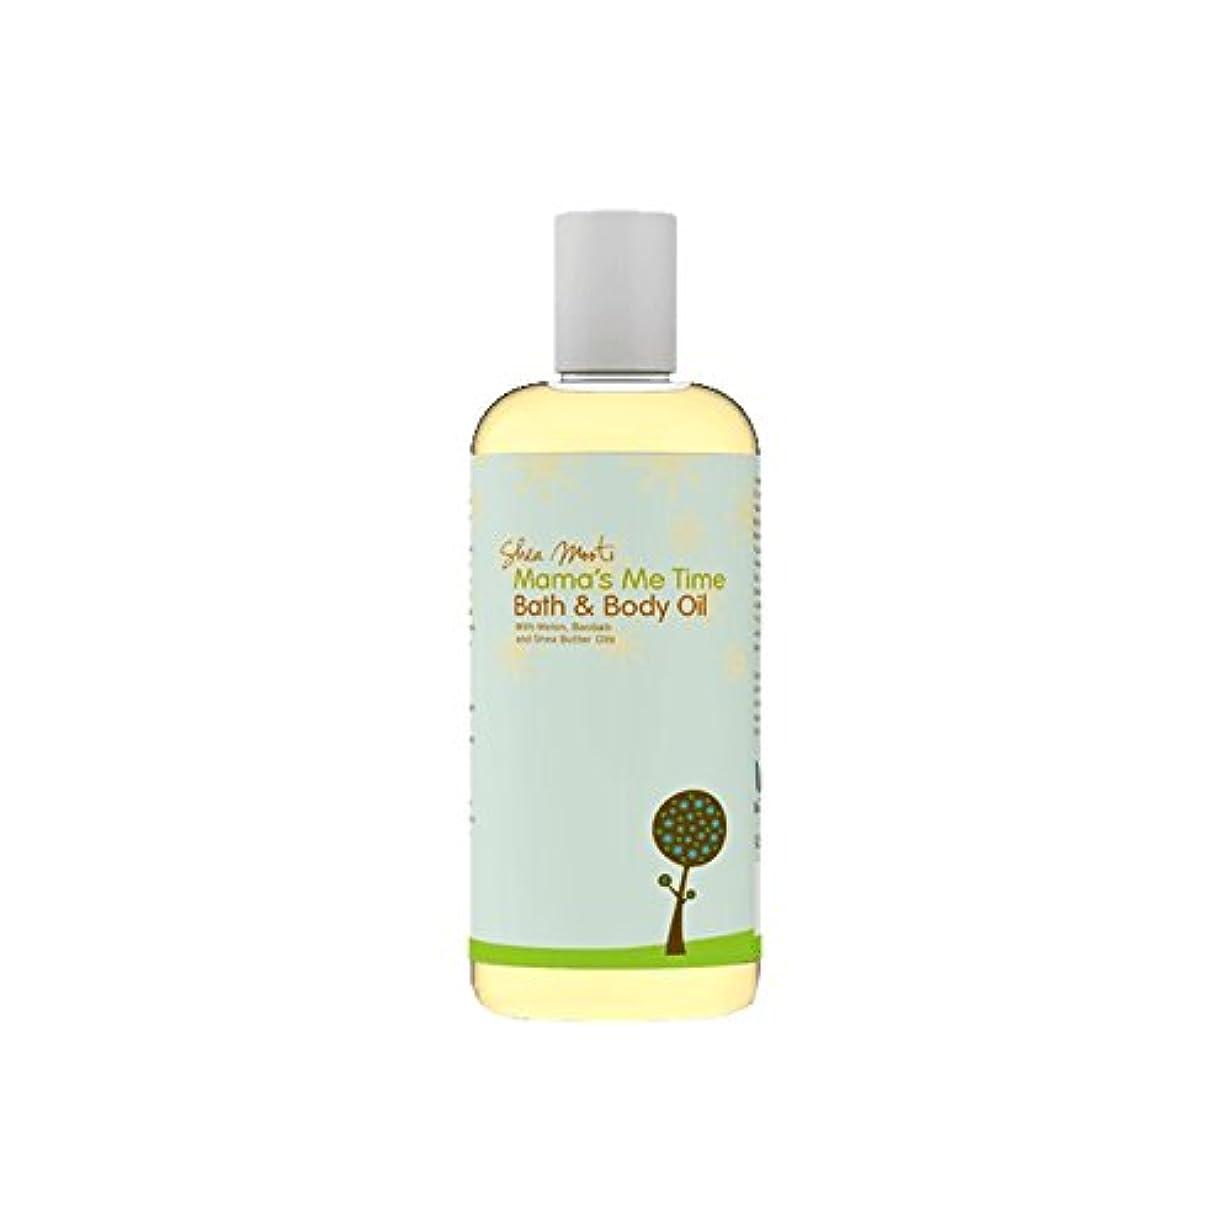 に向けて出発ヒゲ損失Shea Mooti Mama's Me Time Bath and Body Oil 110g (Pack of 2) - シアバターMootiママの私の時間のバス、ボディオイル110グラム (x2) [並行輸入品]